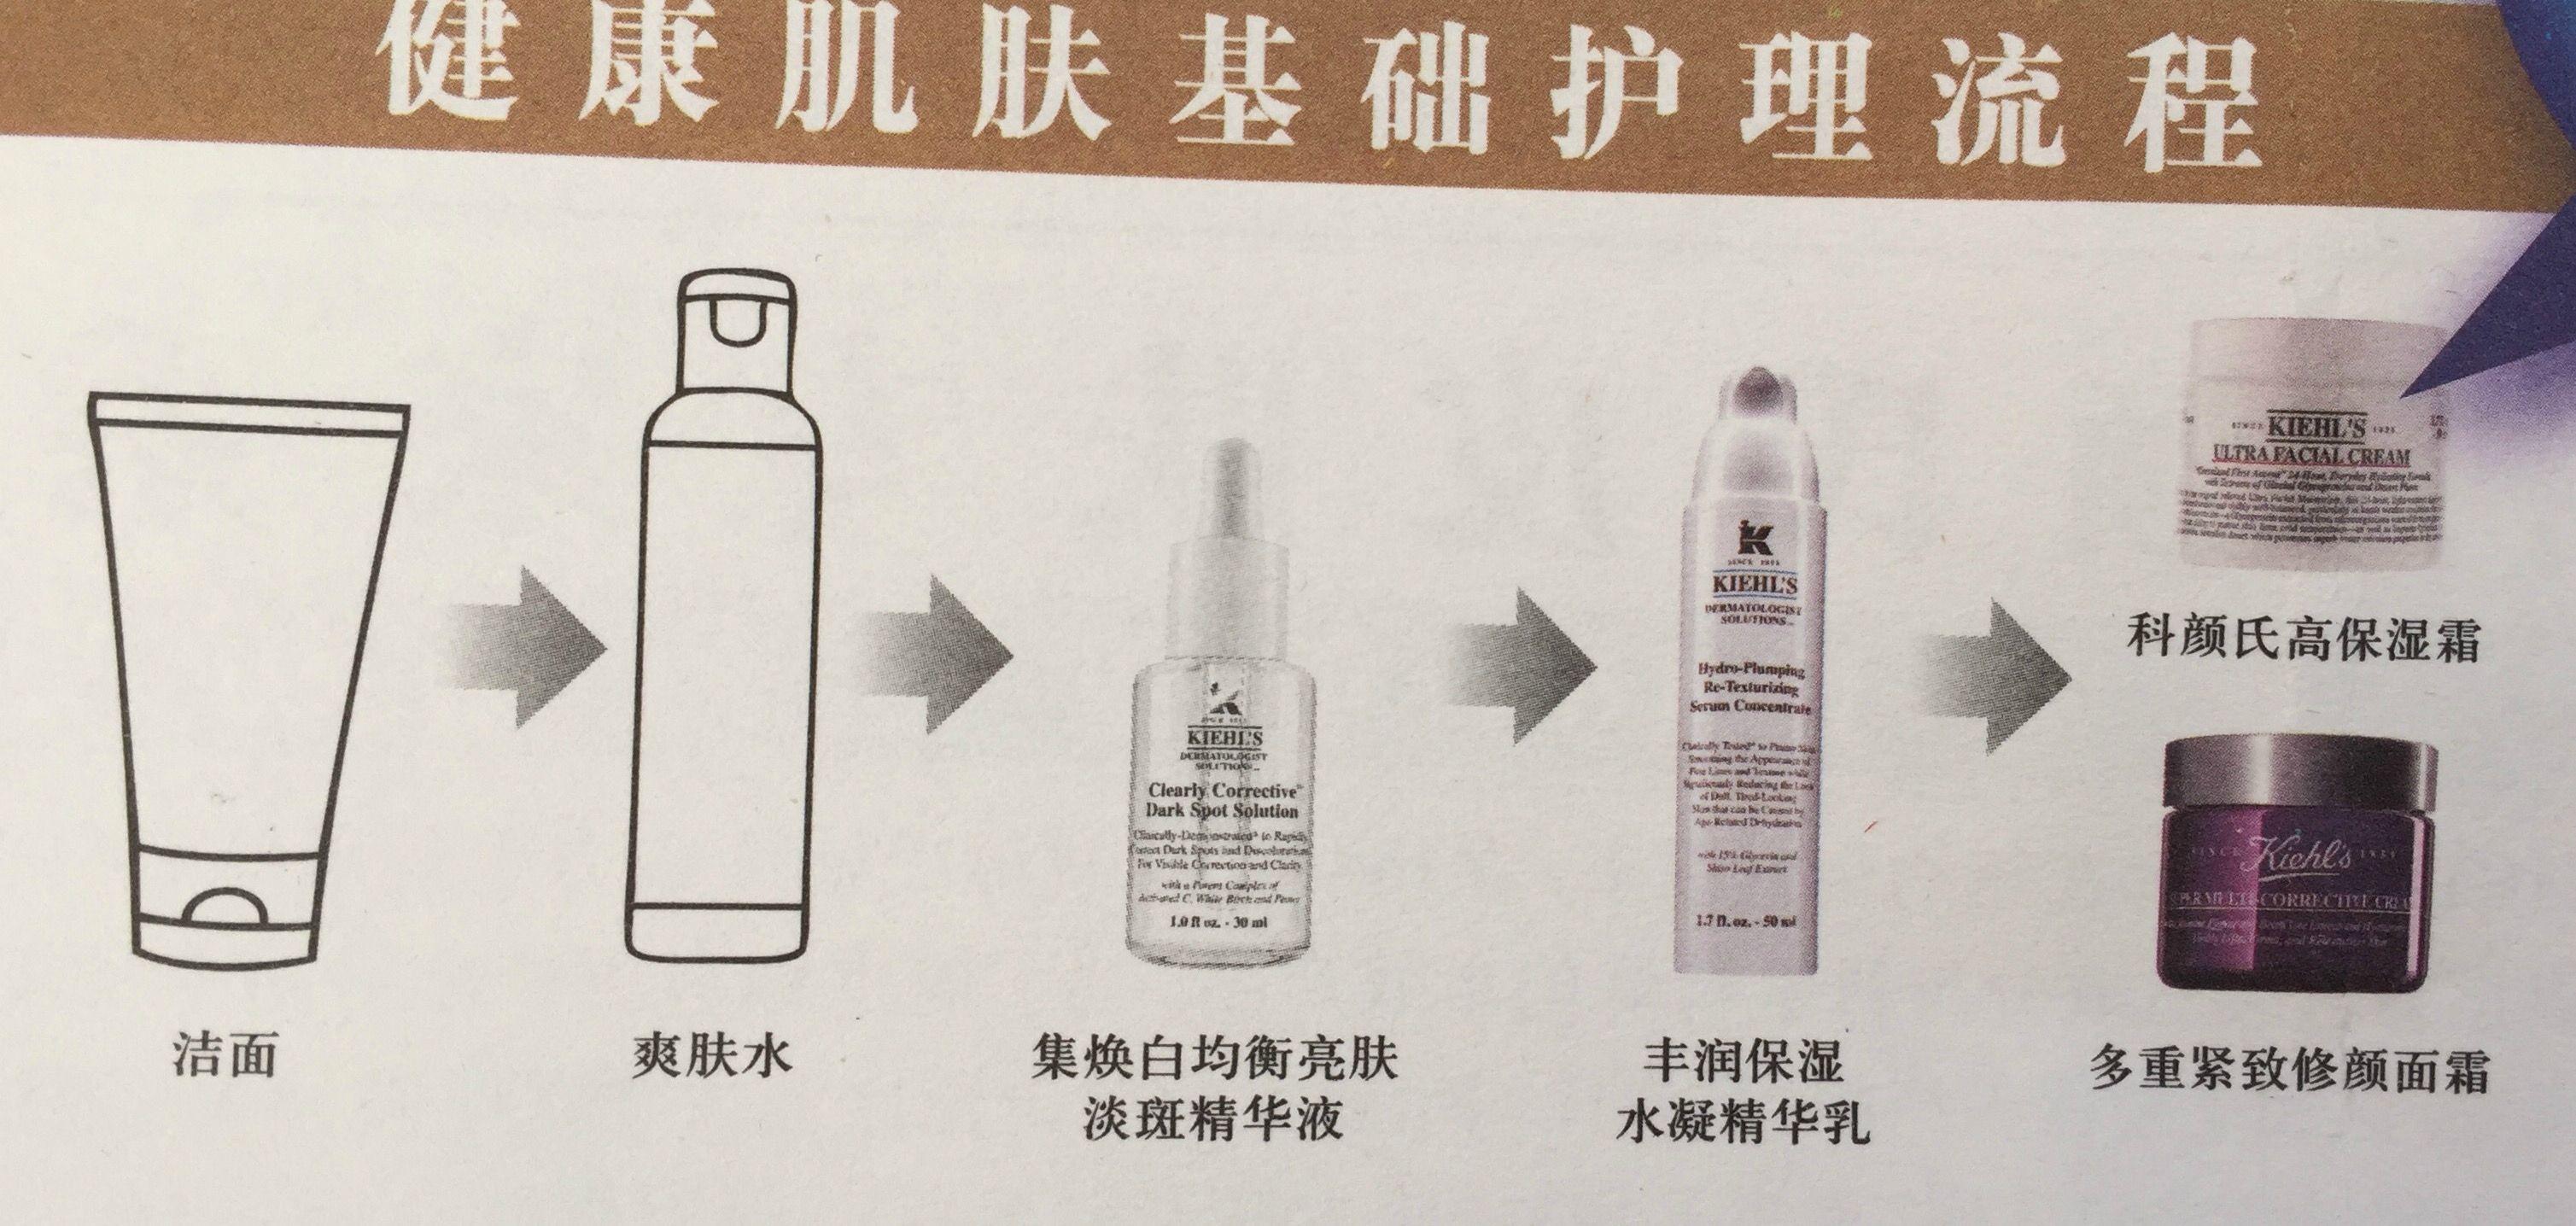 很贴心的护肤步骤流程图,简单又实用,护肤的时候可不要偷懒欧